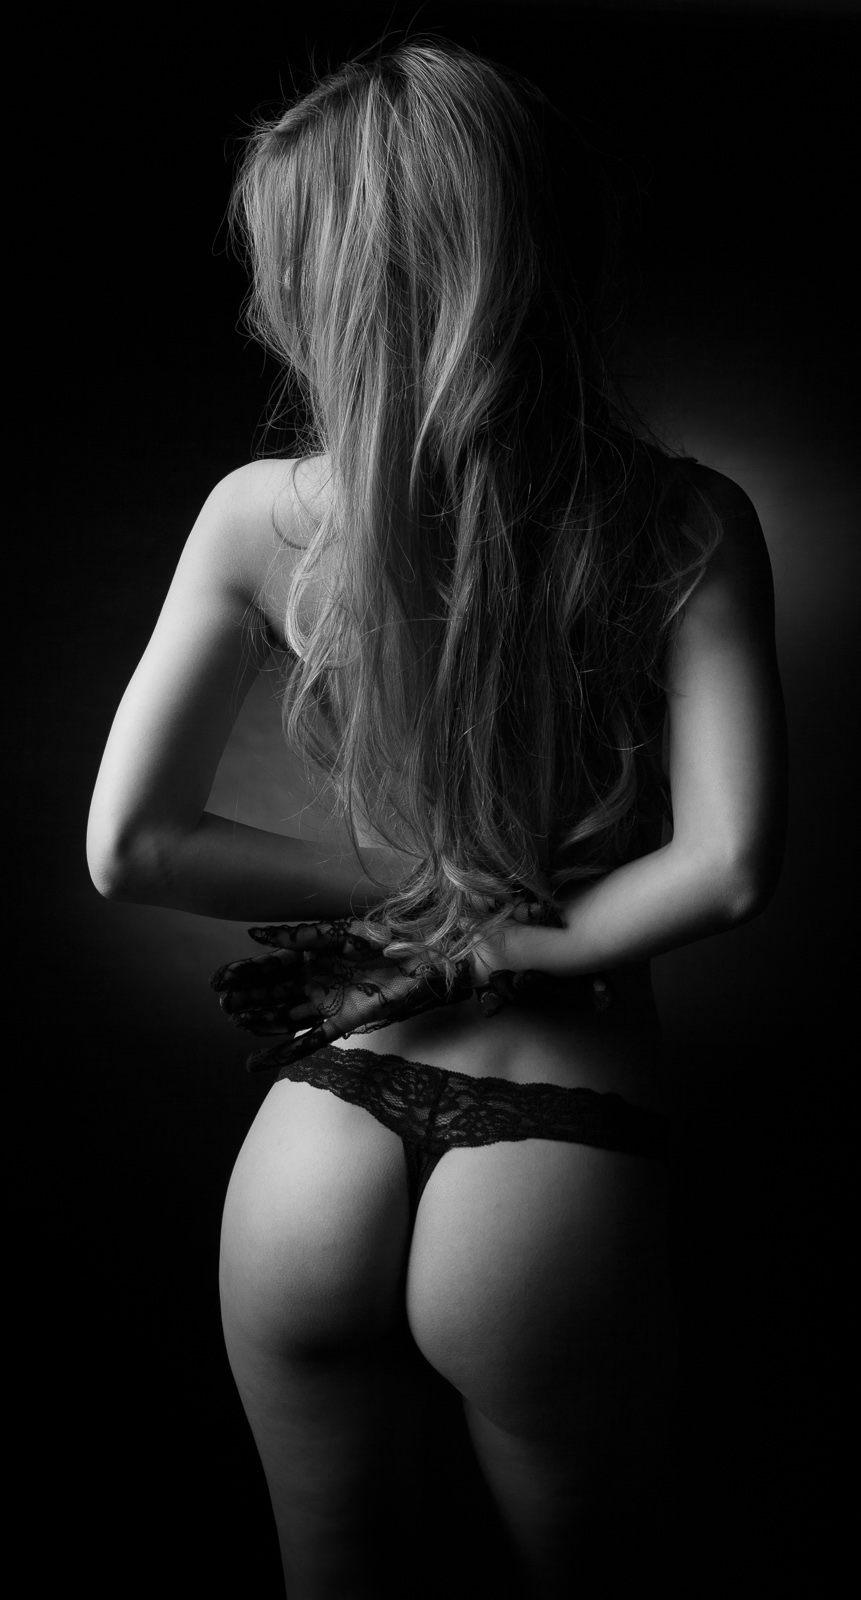 jenny suv femme genève modèle mannequin suisse maquilleuse danseuse nu noir blanc charme lingerie